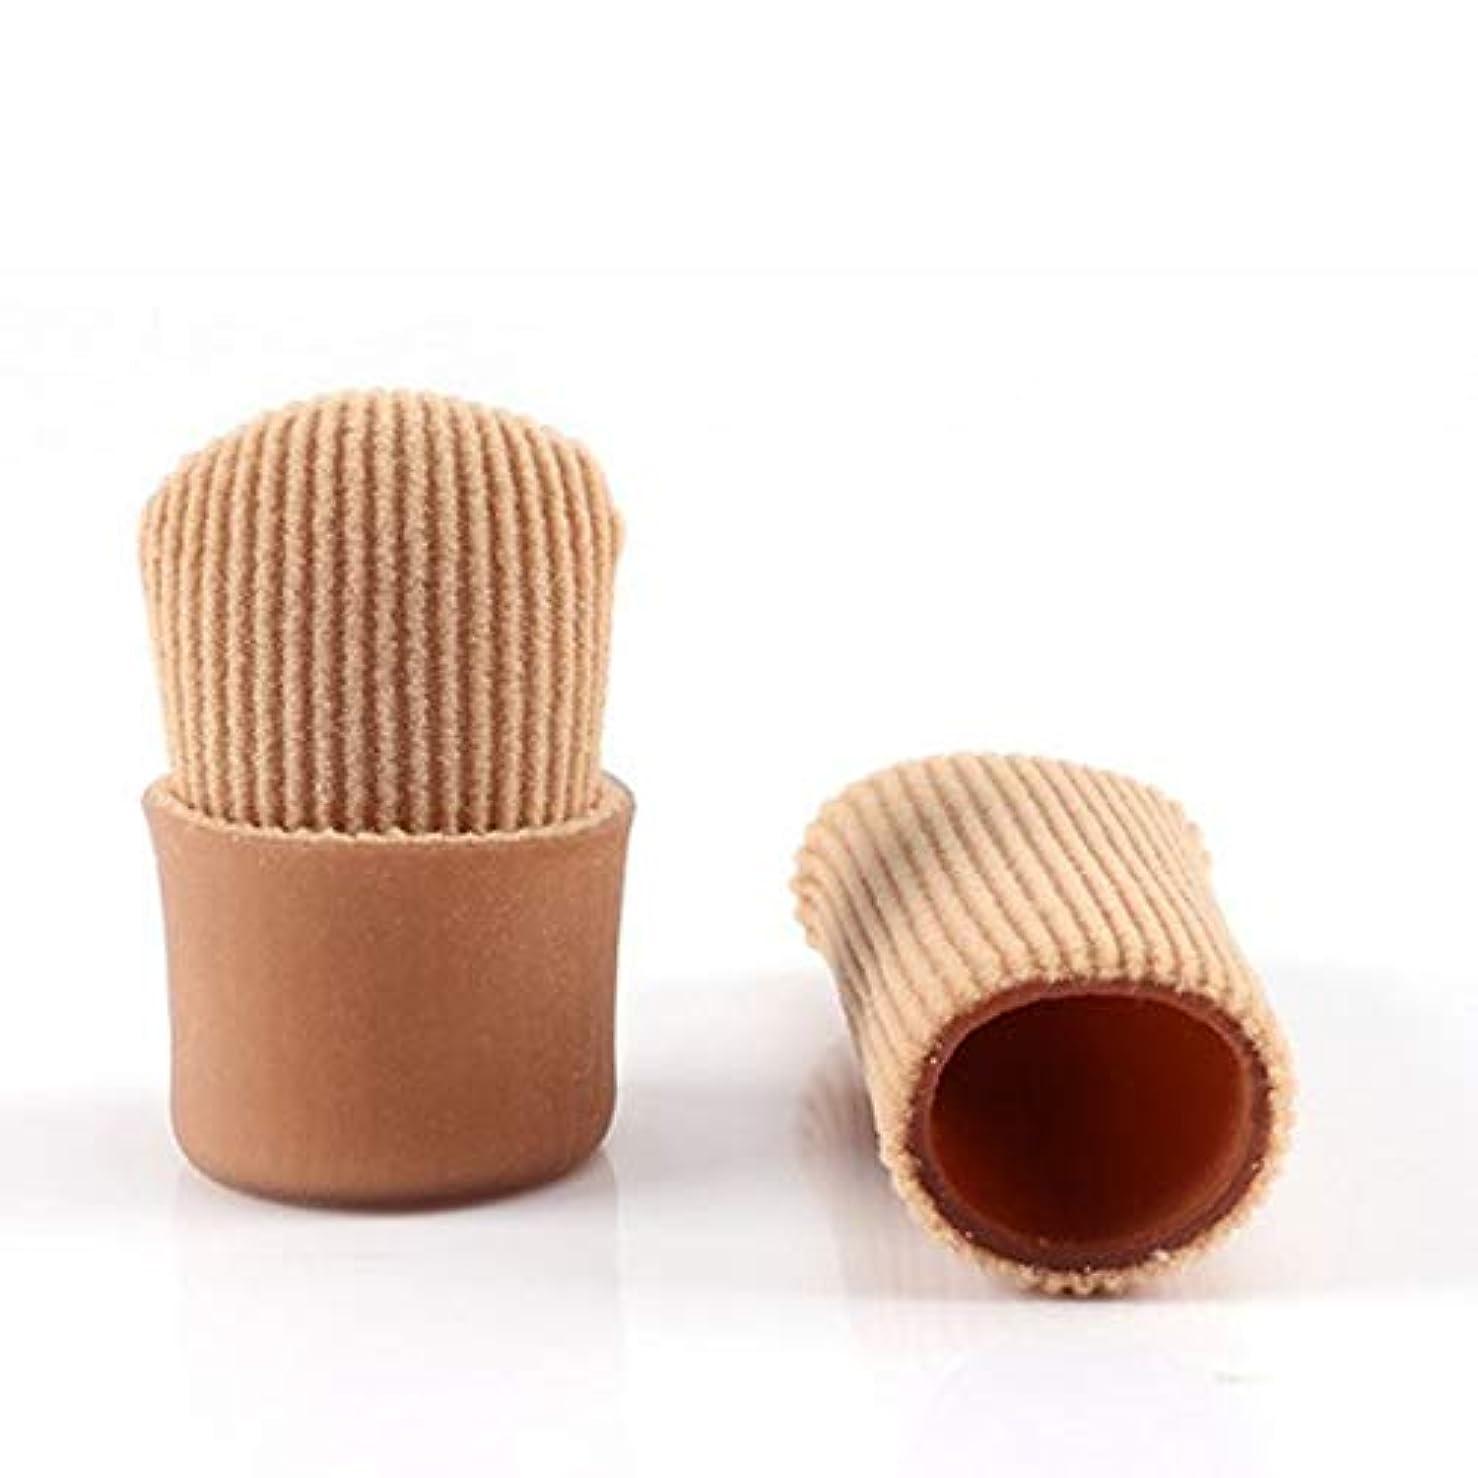 好き優遇特派員Open Toe Tubes Gel Lined Fabric Sleeve Protectors To Prevent Corns, Calluses And Blisters While Softening And...